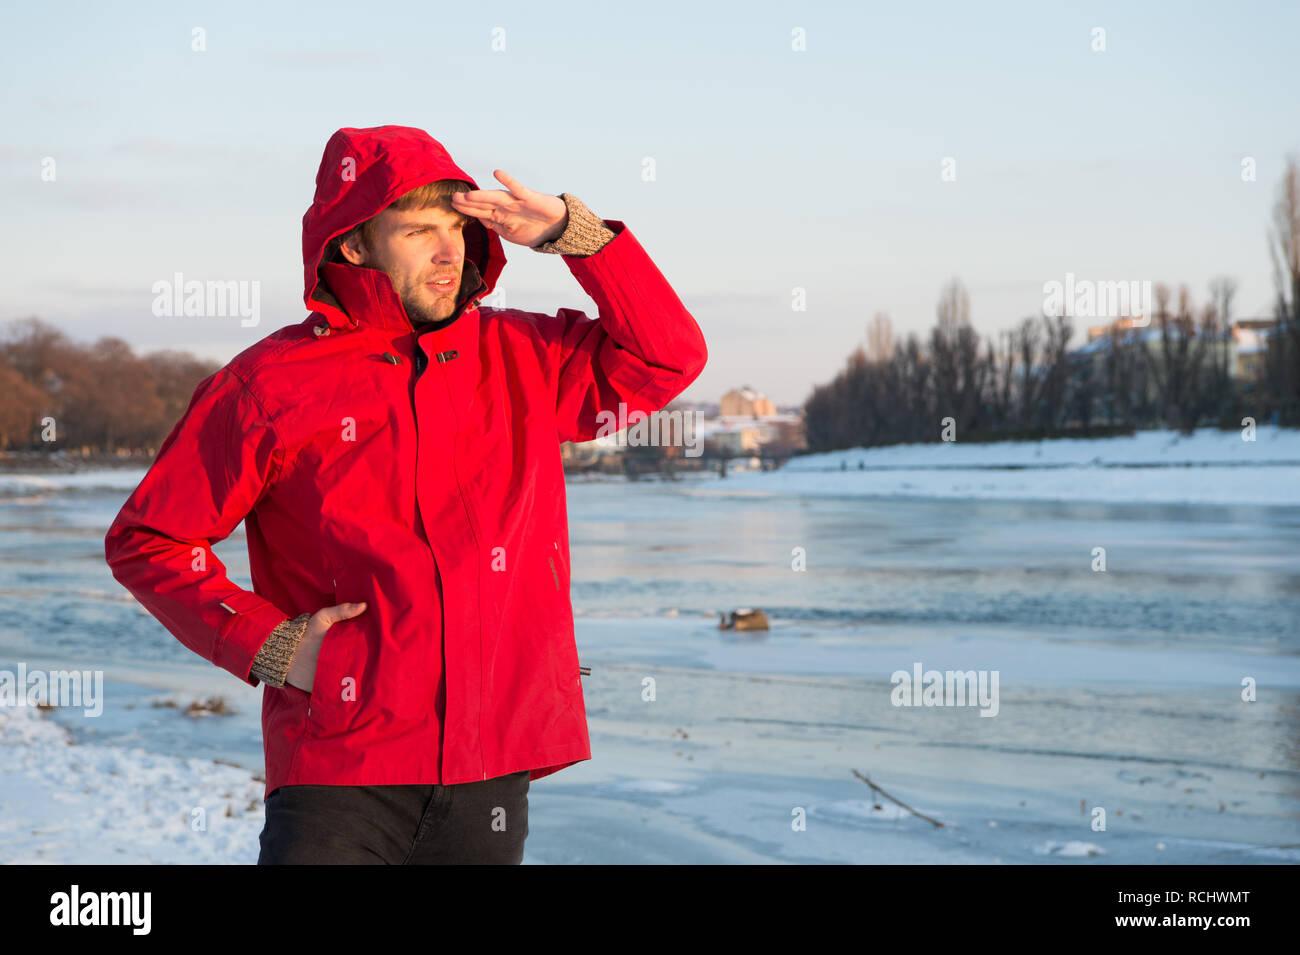 51e4f5000aed Guy tragen Jacke mit Kapuze auf frostigen Wintertag. Man bärtige stehen warme  Jacke verschneite Natur